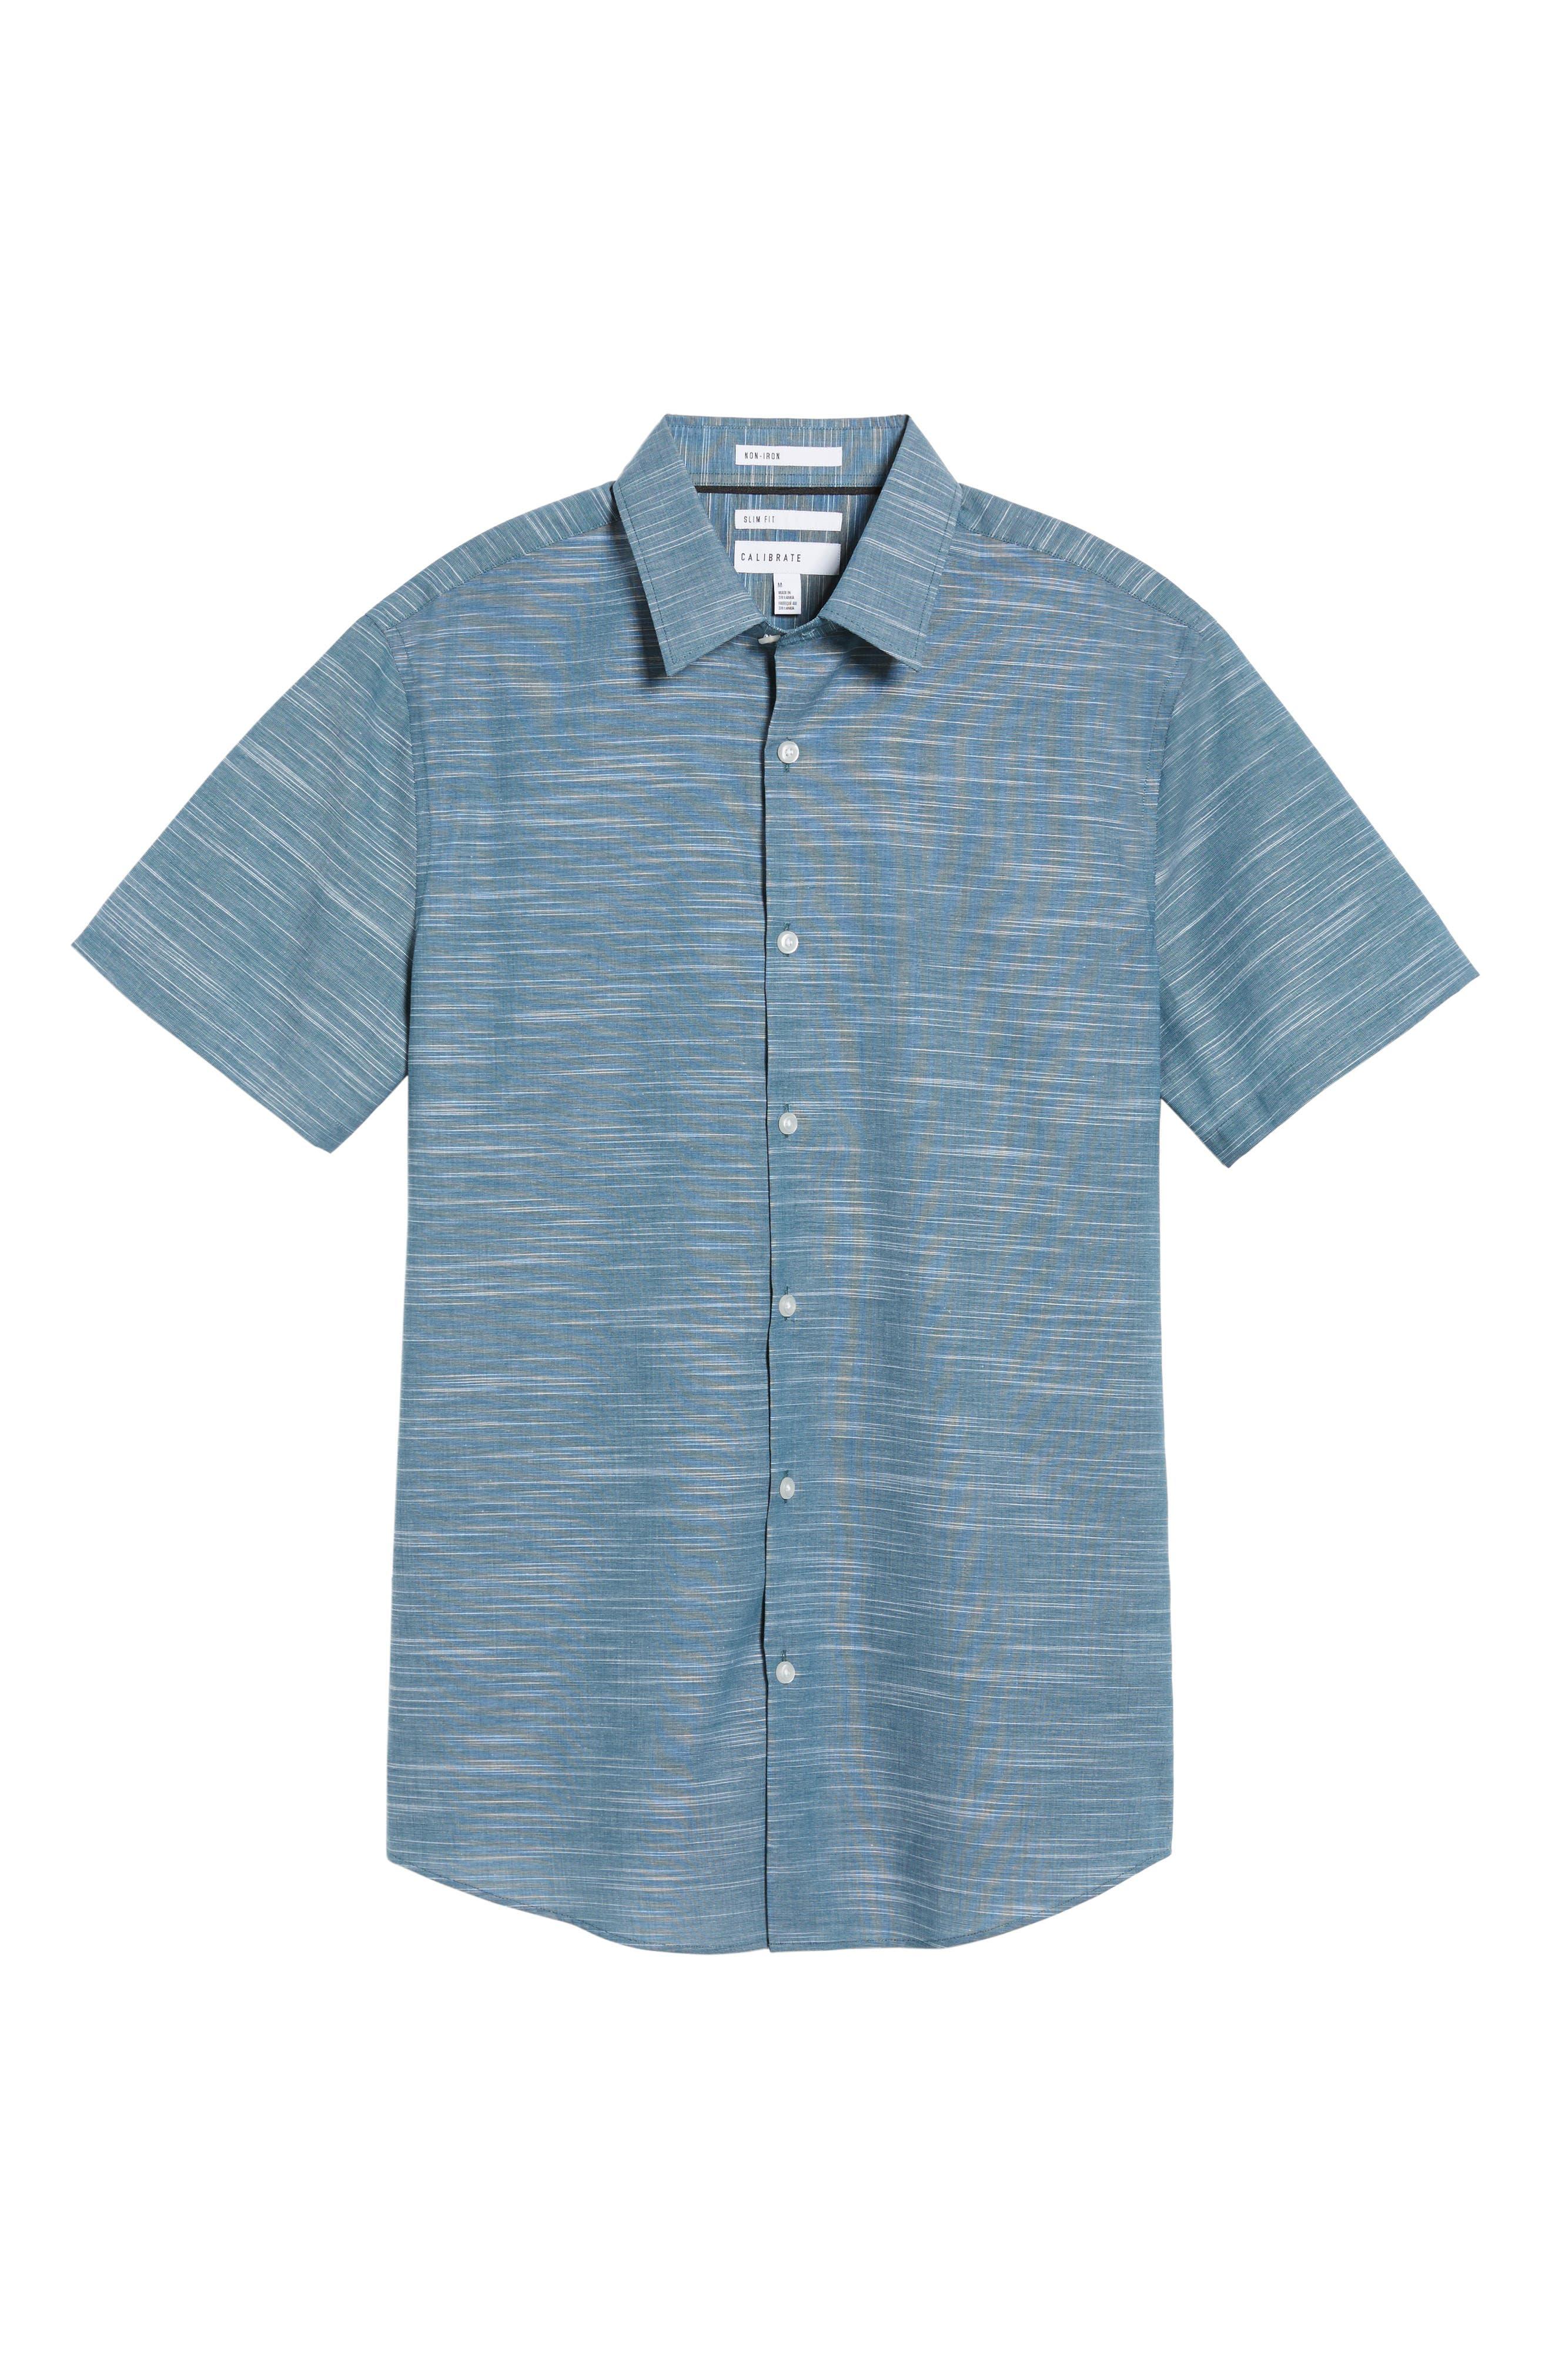 Calilbrate Slim Fit Slub Woven Shirt,                             Alternate thumbnail 16, color,